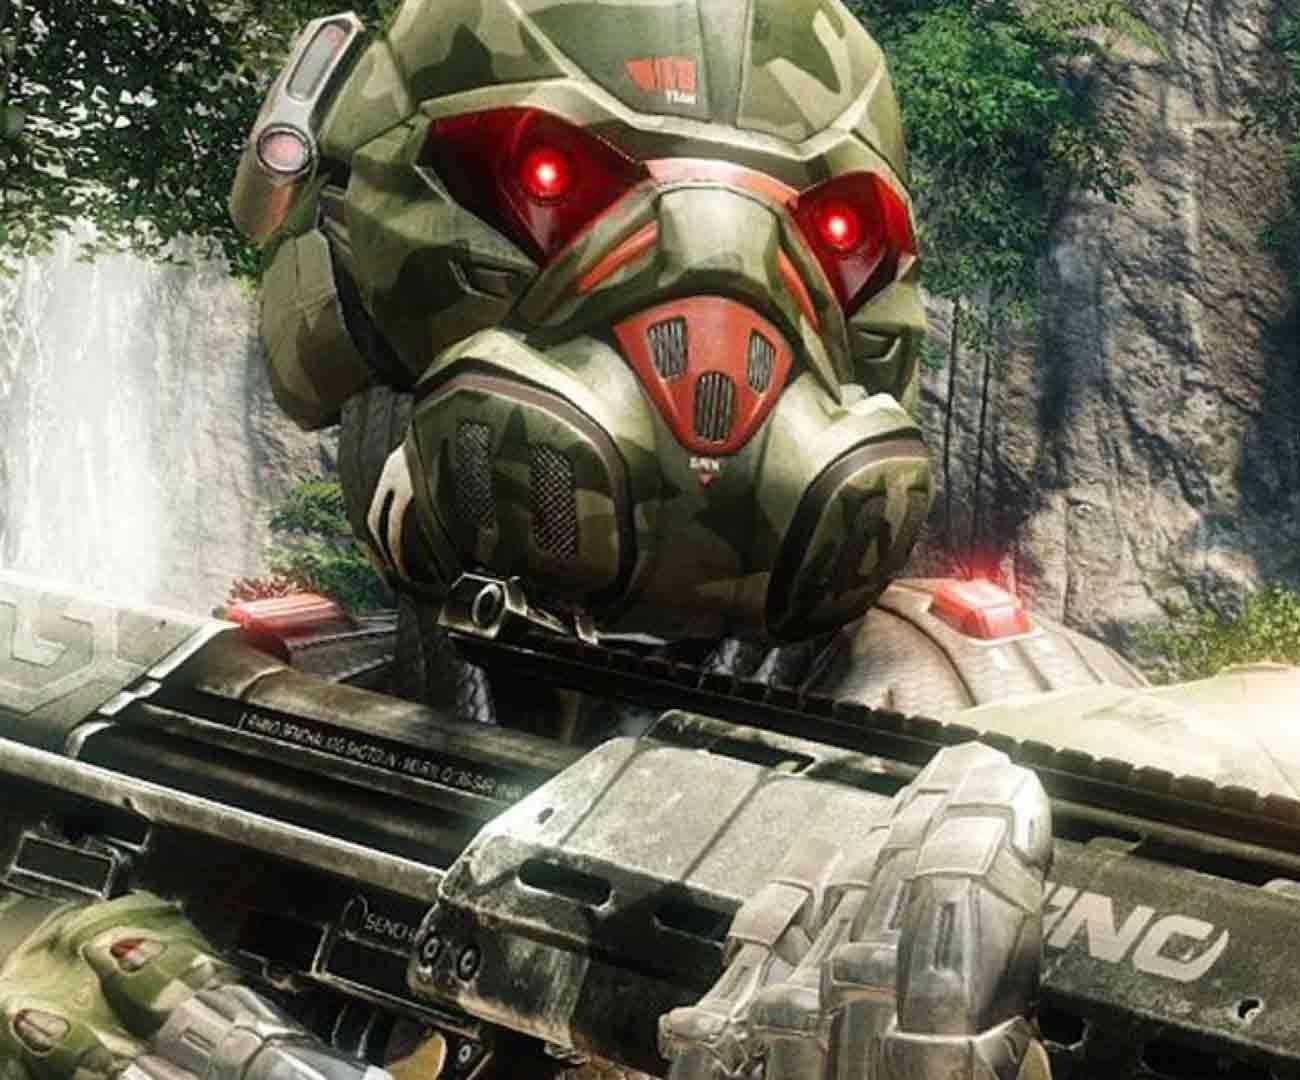 Wyciek w Cryteku! Crysis Next, VR, Ryse 2 i inne